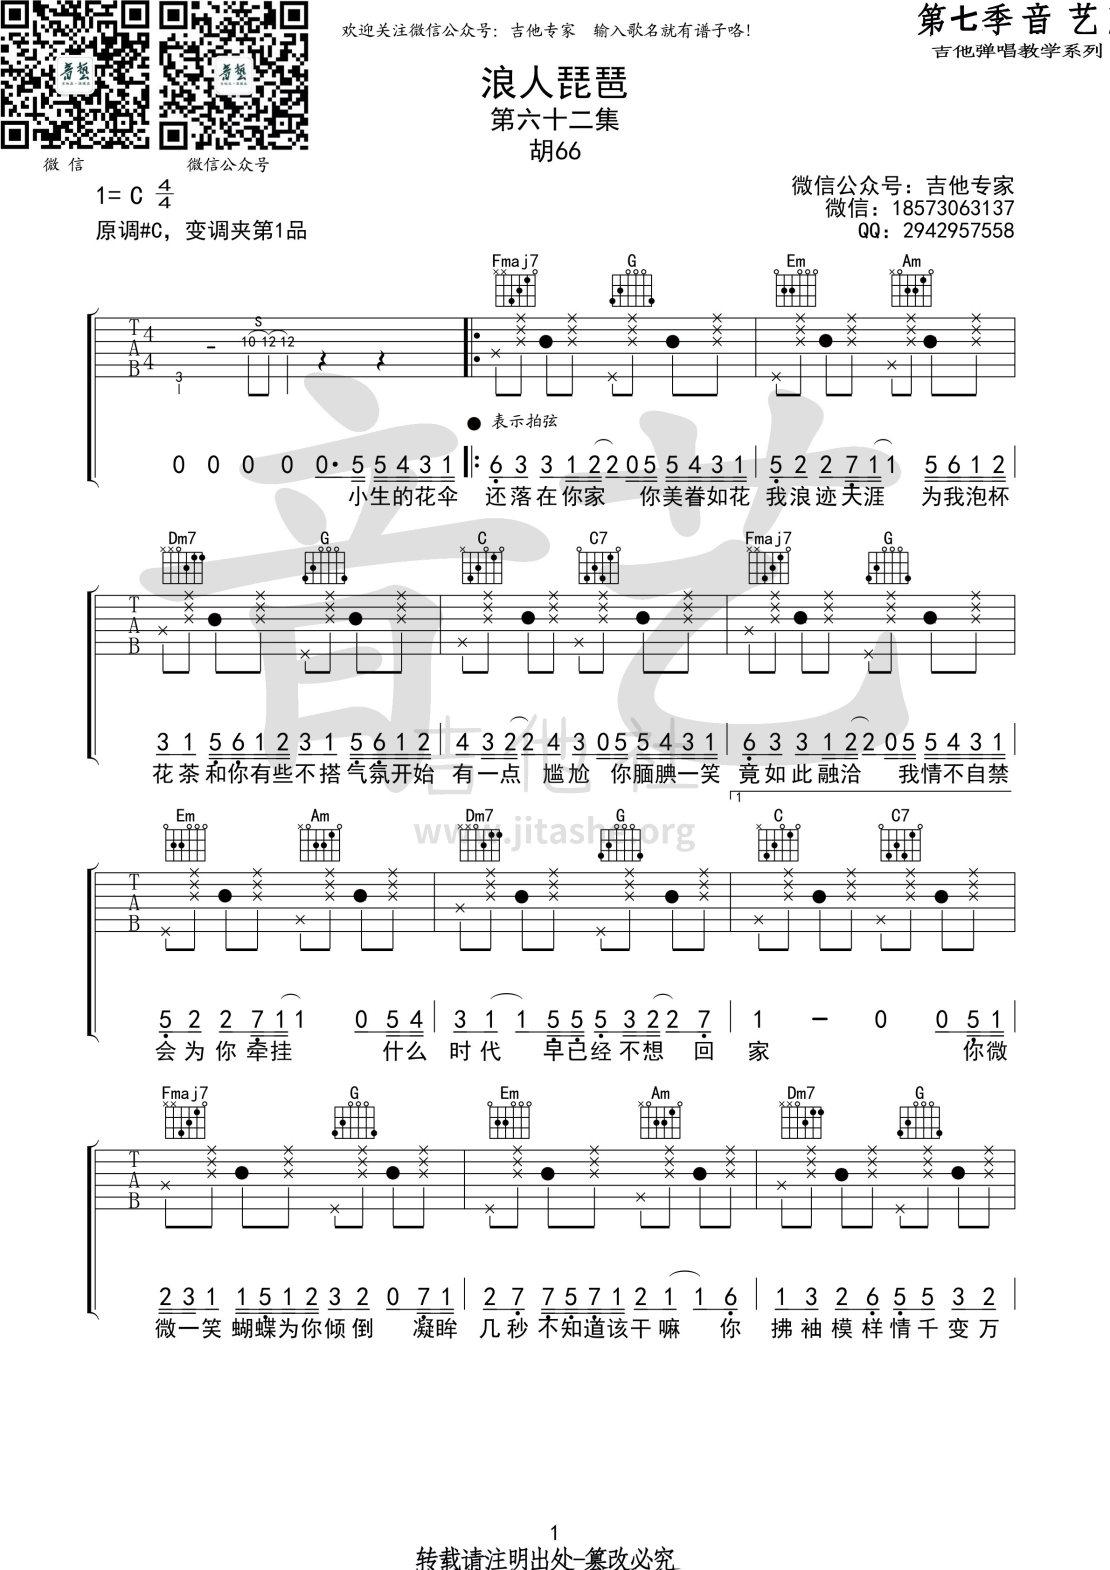 浪人琵琶(音艺吉他弹唱教学:第七季第62集)吉他谱(图片谱,弹唱,音艺吉他弹唱教学)_胡66_浪人琵琶1 第七季第六十二集.jpg